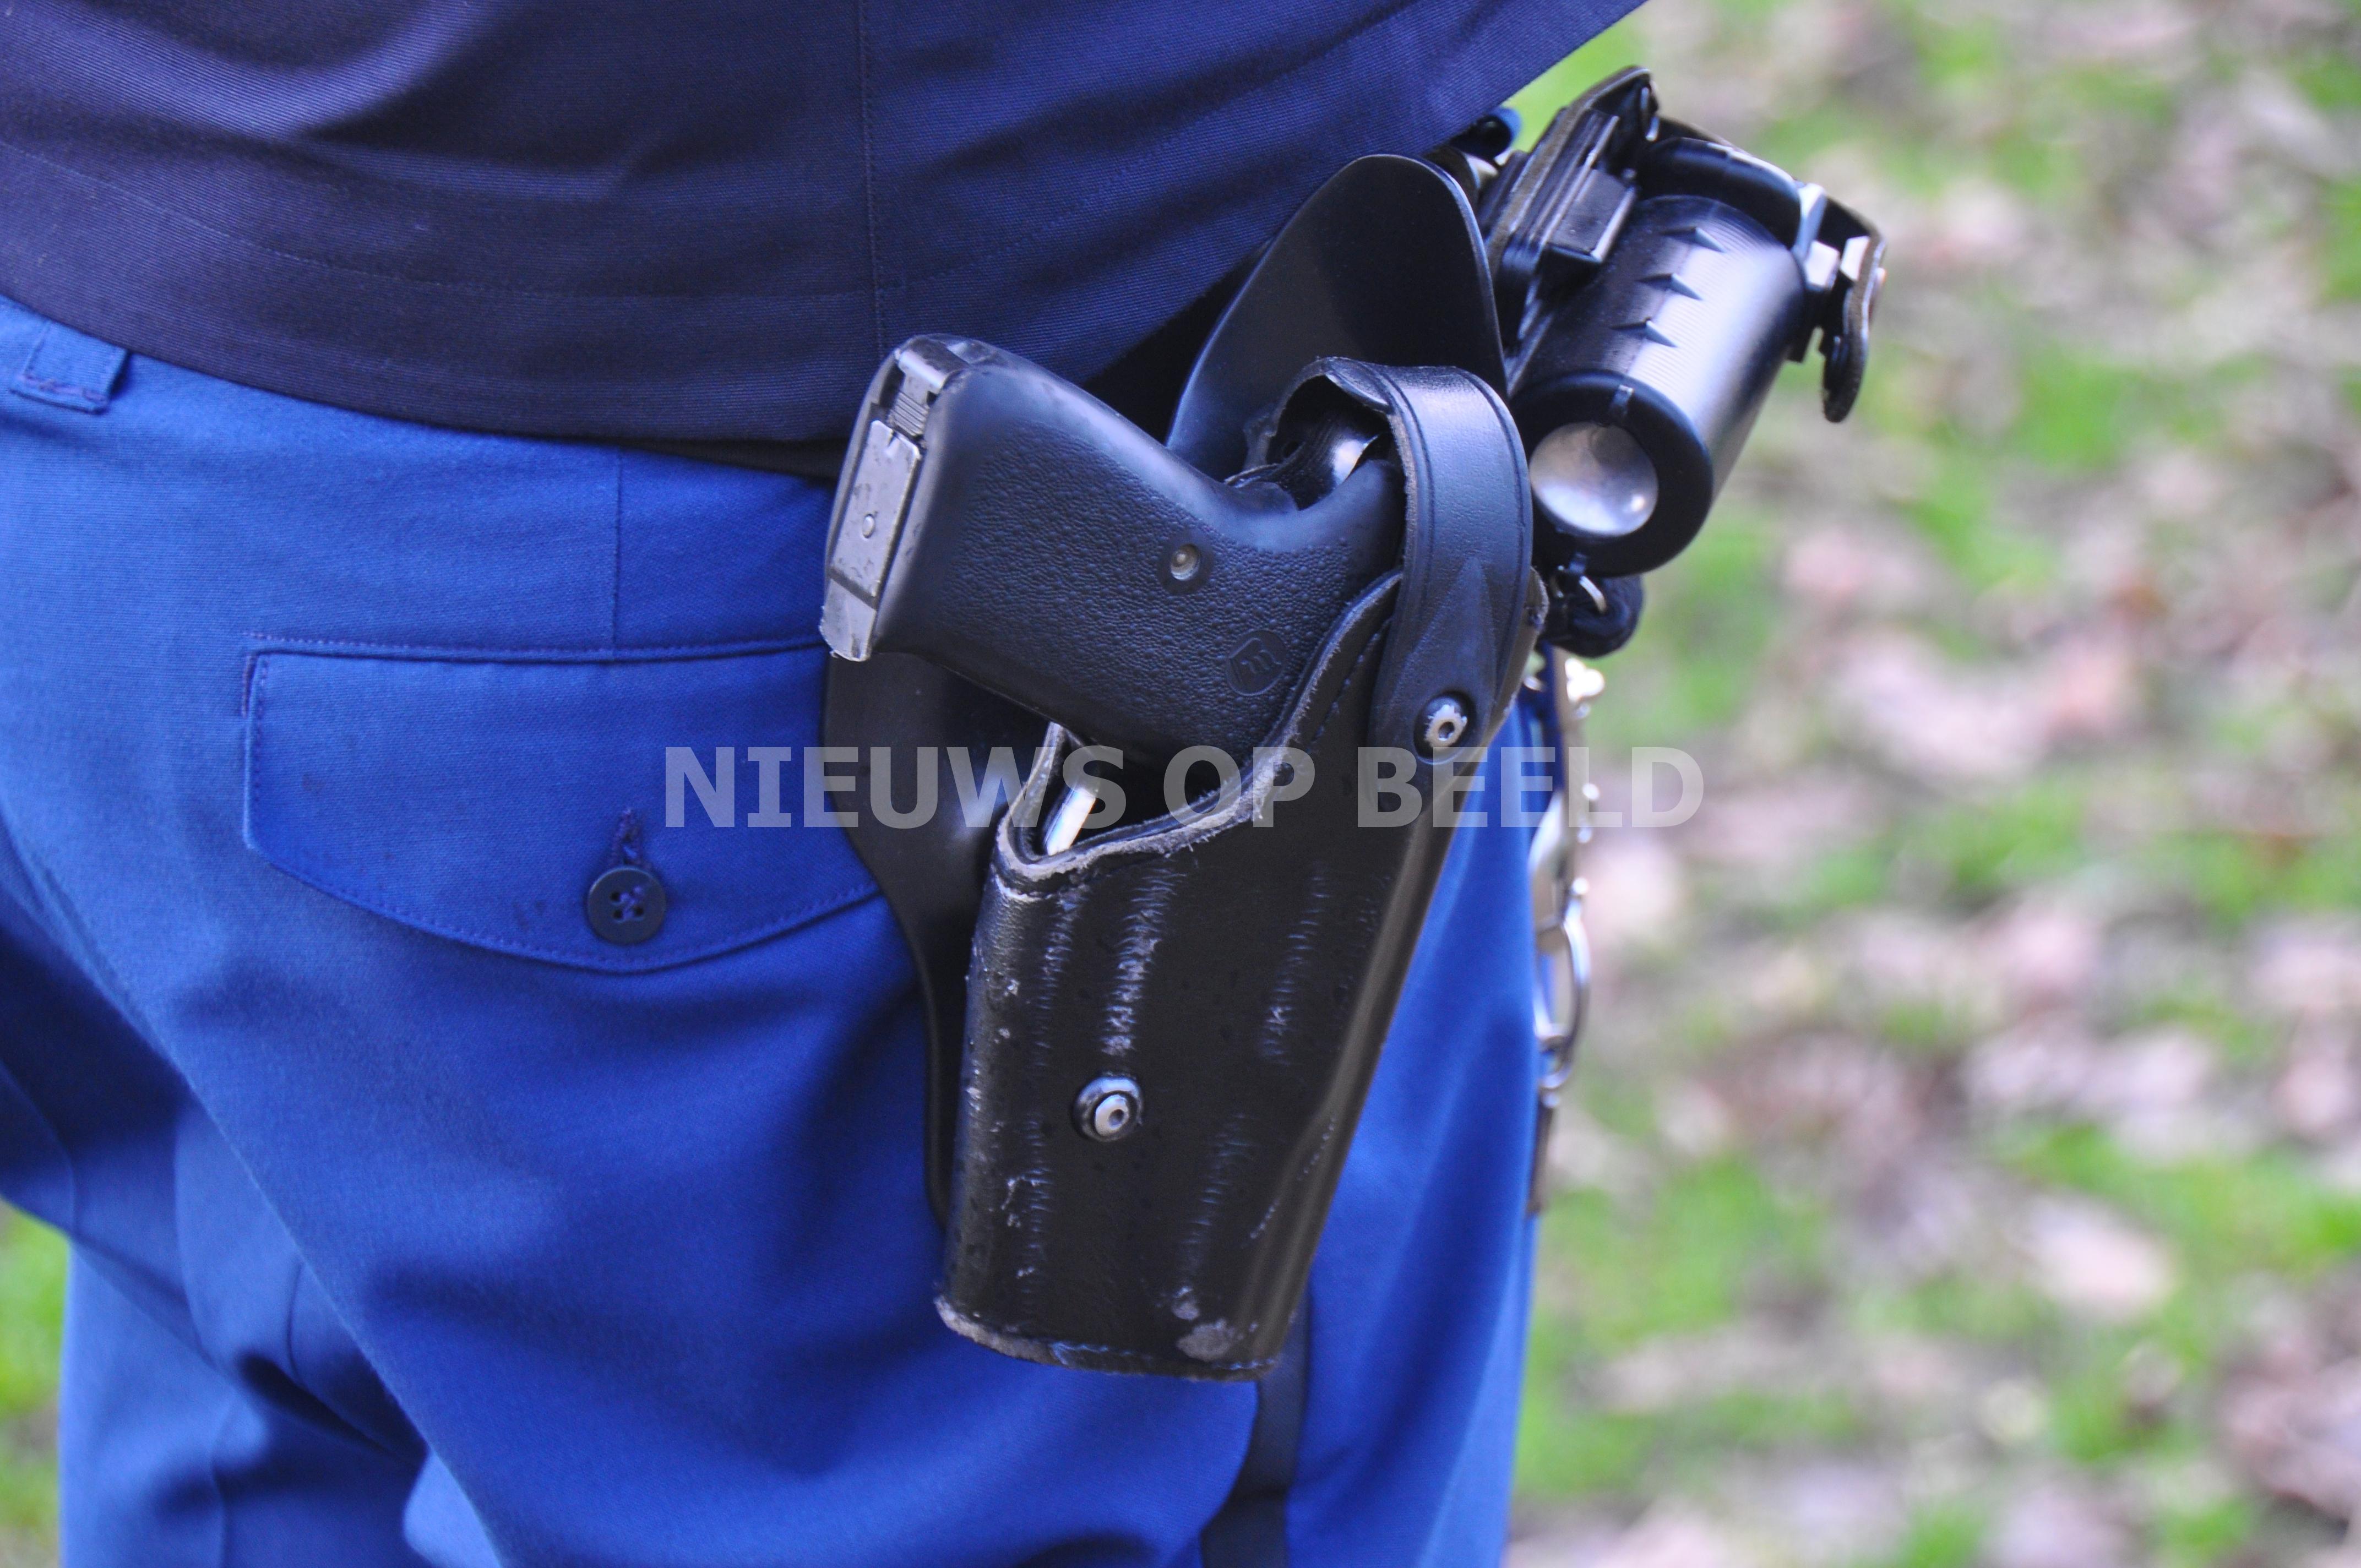 Tiener pakt wapen van agent uit holster tijdens aanhouding in Almelo